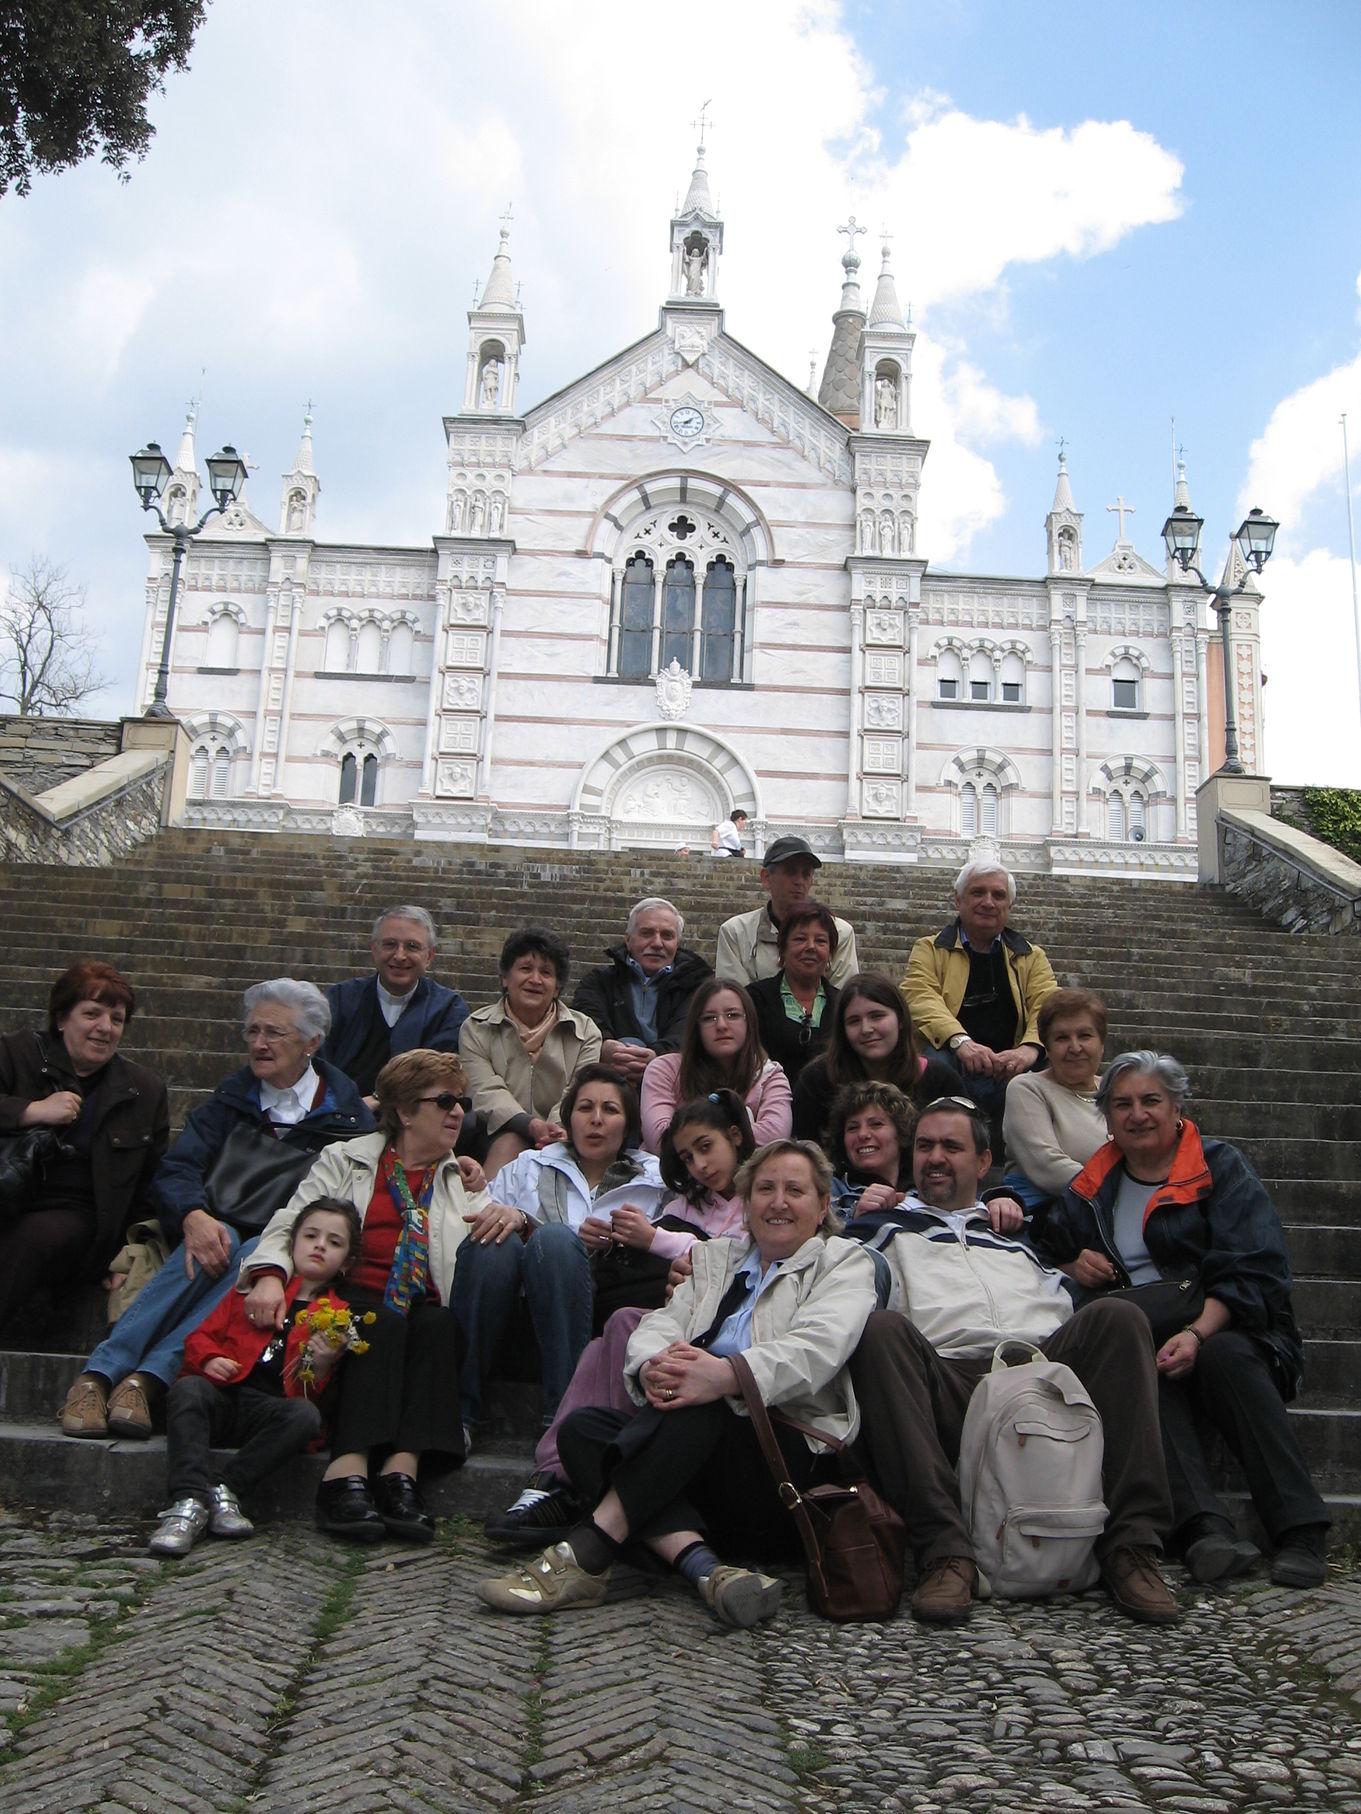 Montallegro-2009-04-13--13.43.09.jpg